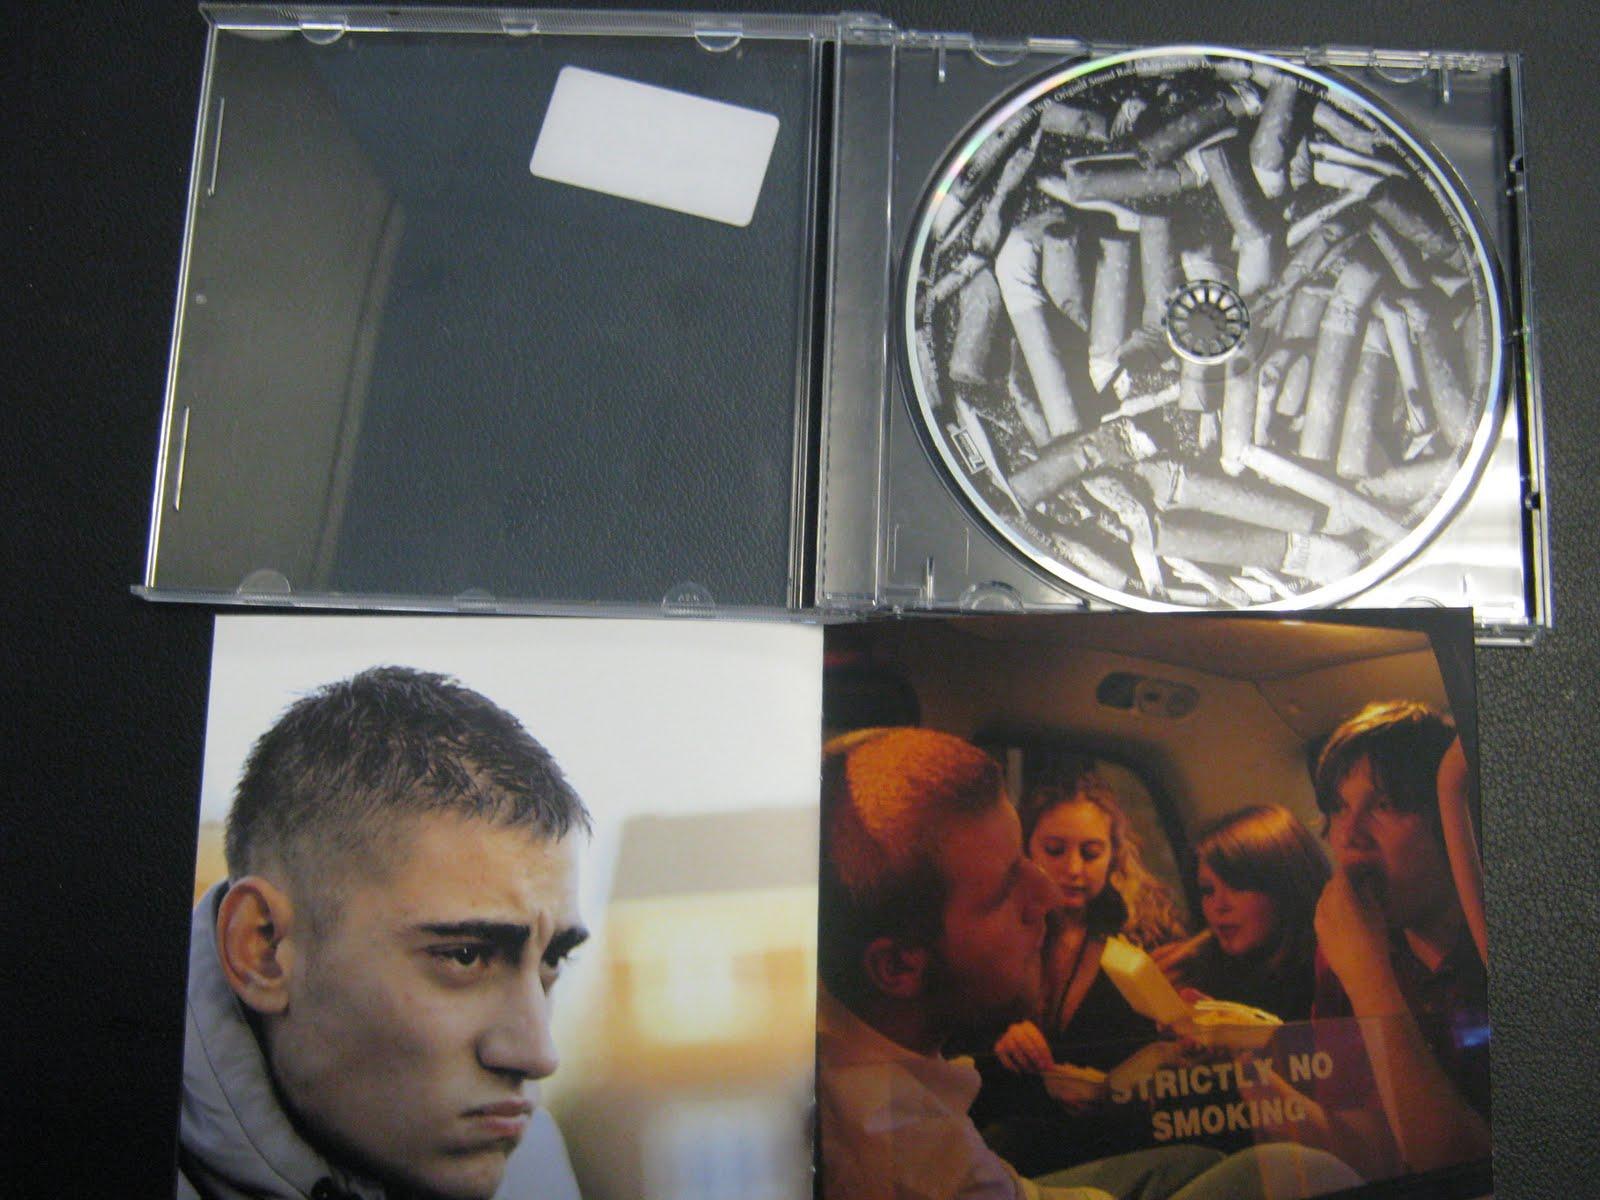 Caratulas, Librillos, Colecciones, Vinilos  todo sobre los CD's IMG_1407